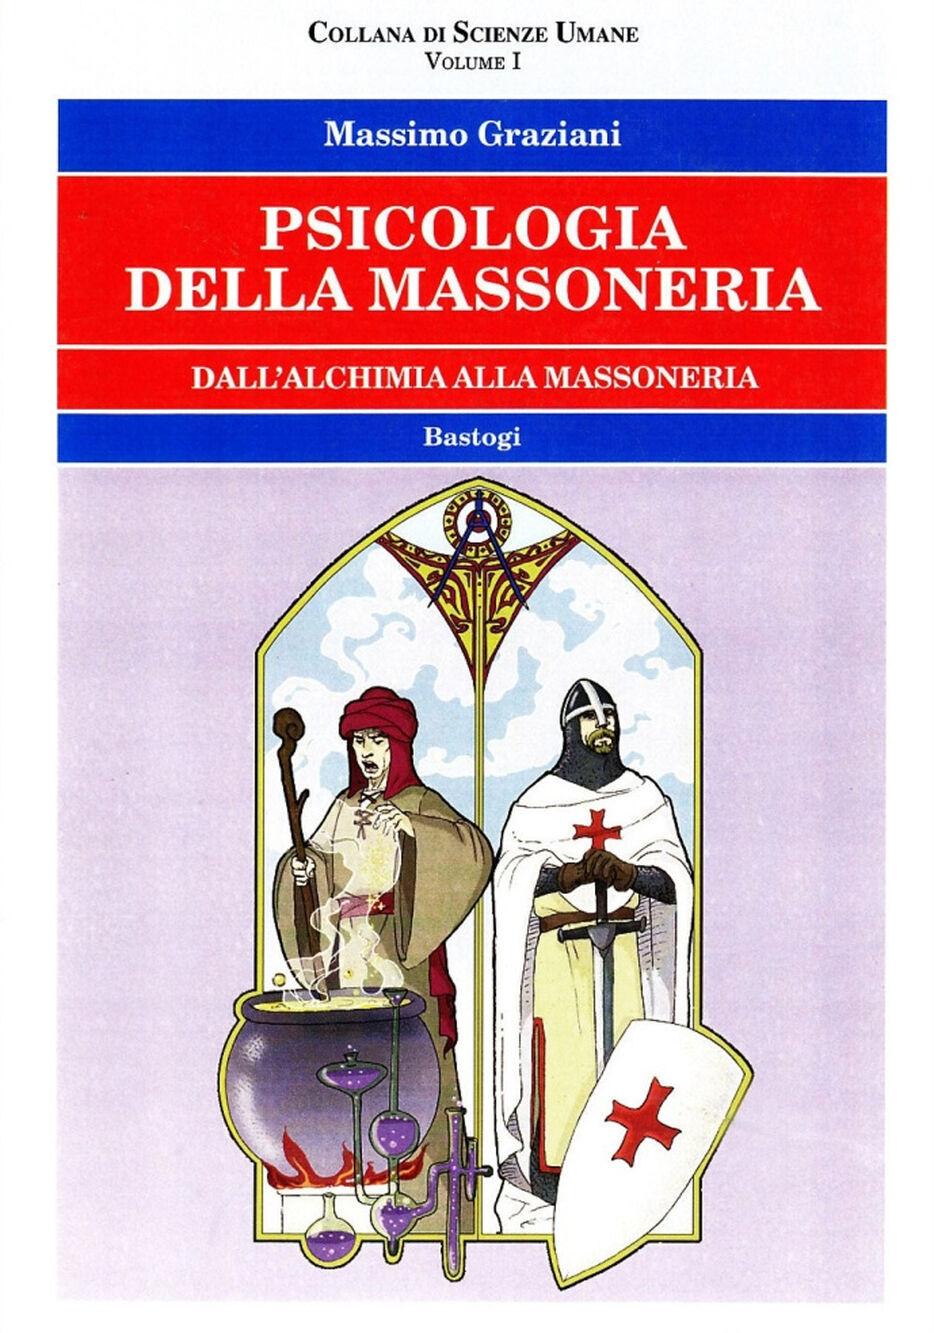 Psicologia della massoneria. Dall'alchimia alla massoneria